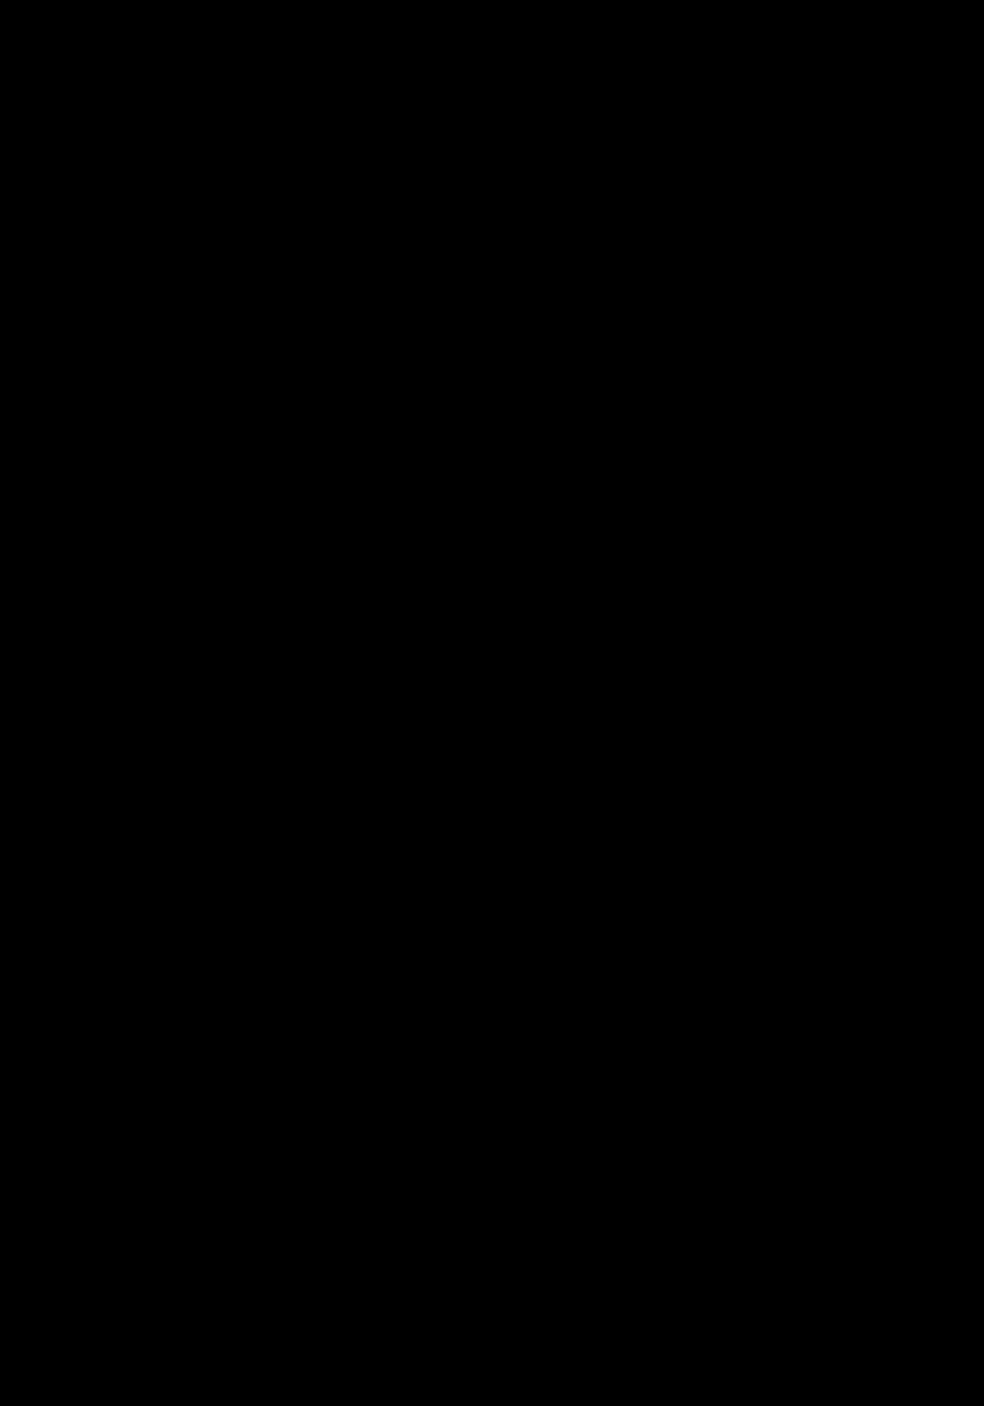 スーボ OS OSSU 横組見本